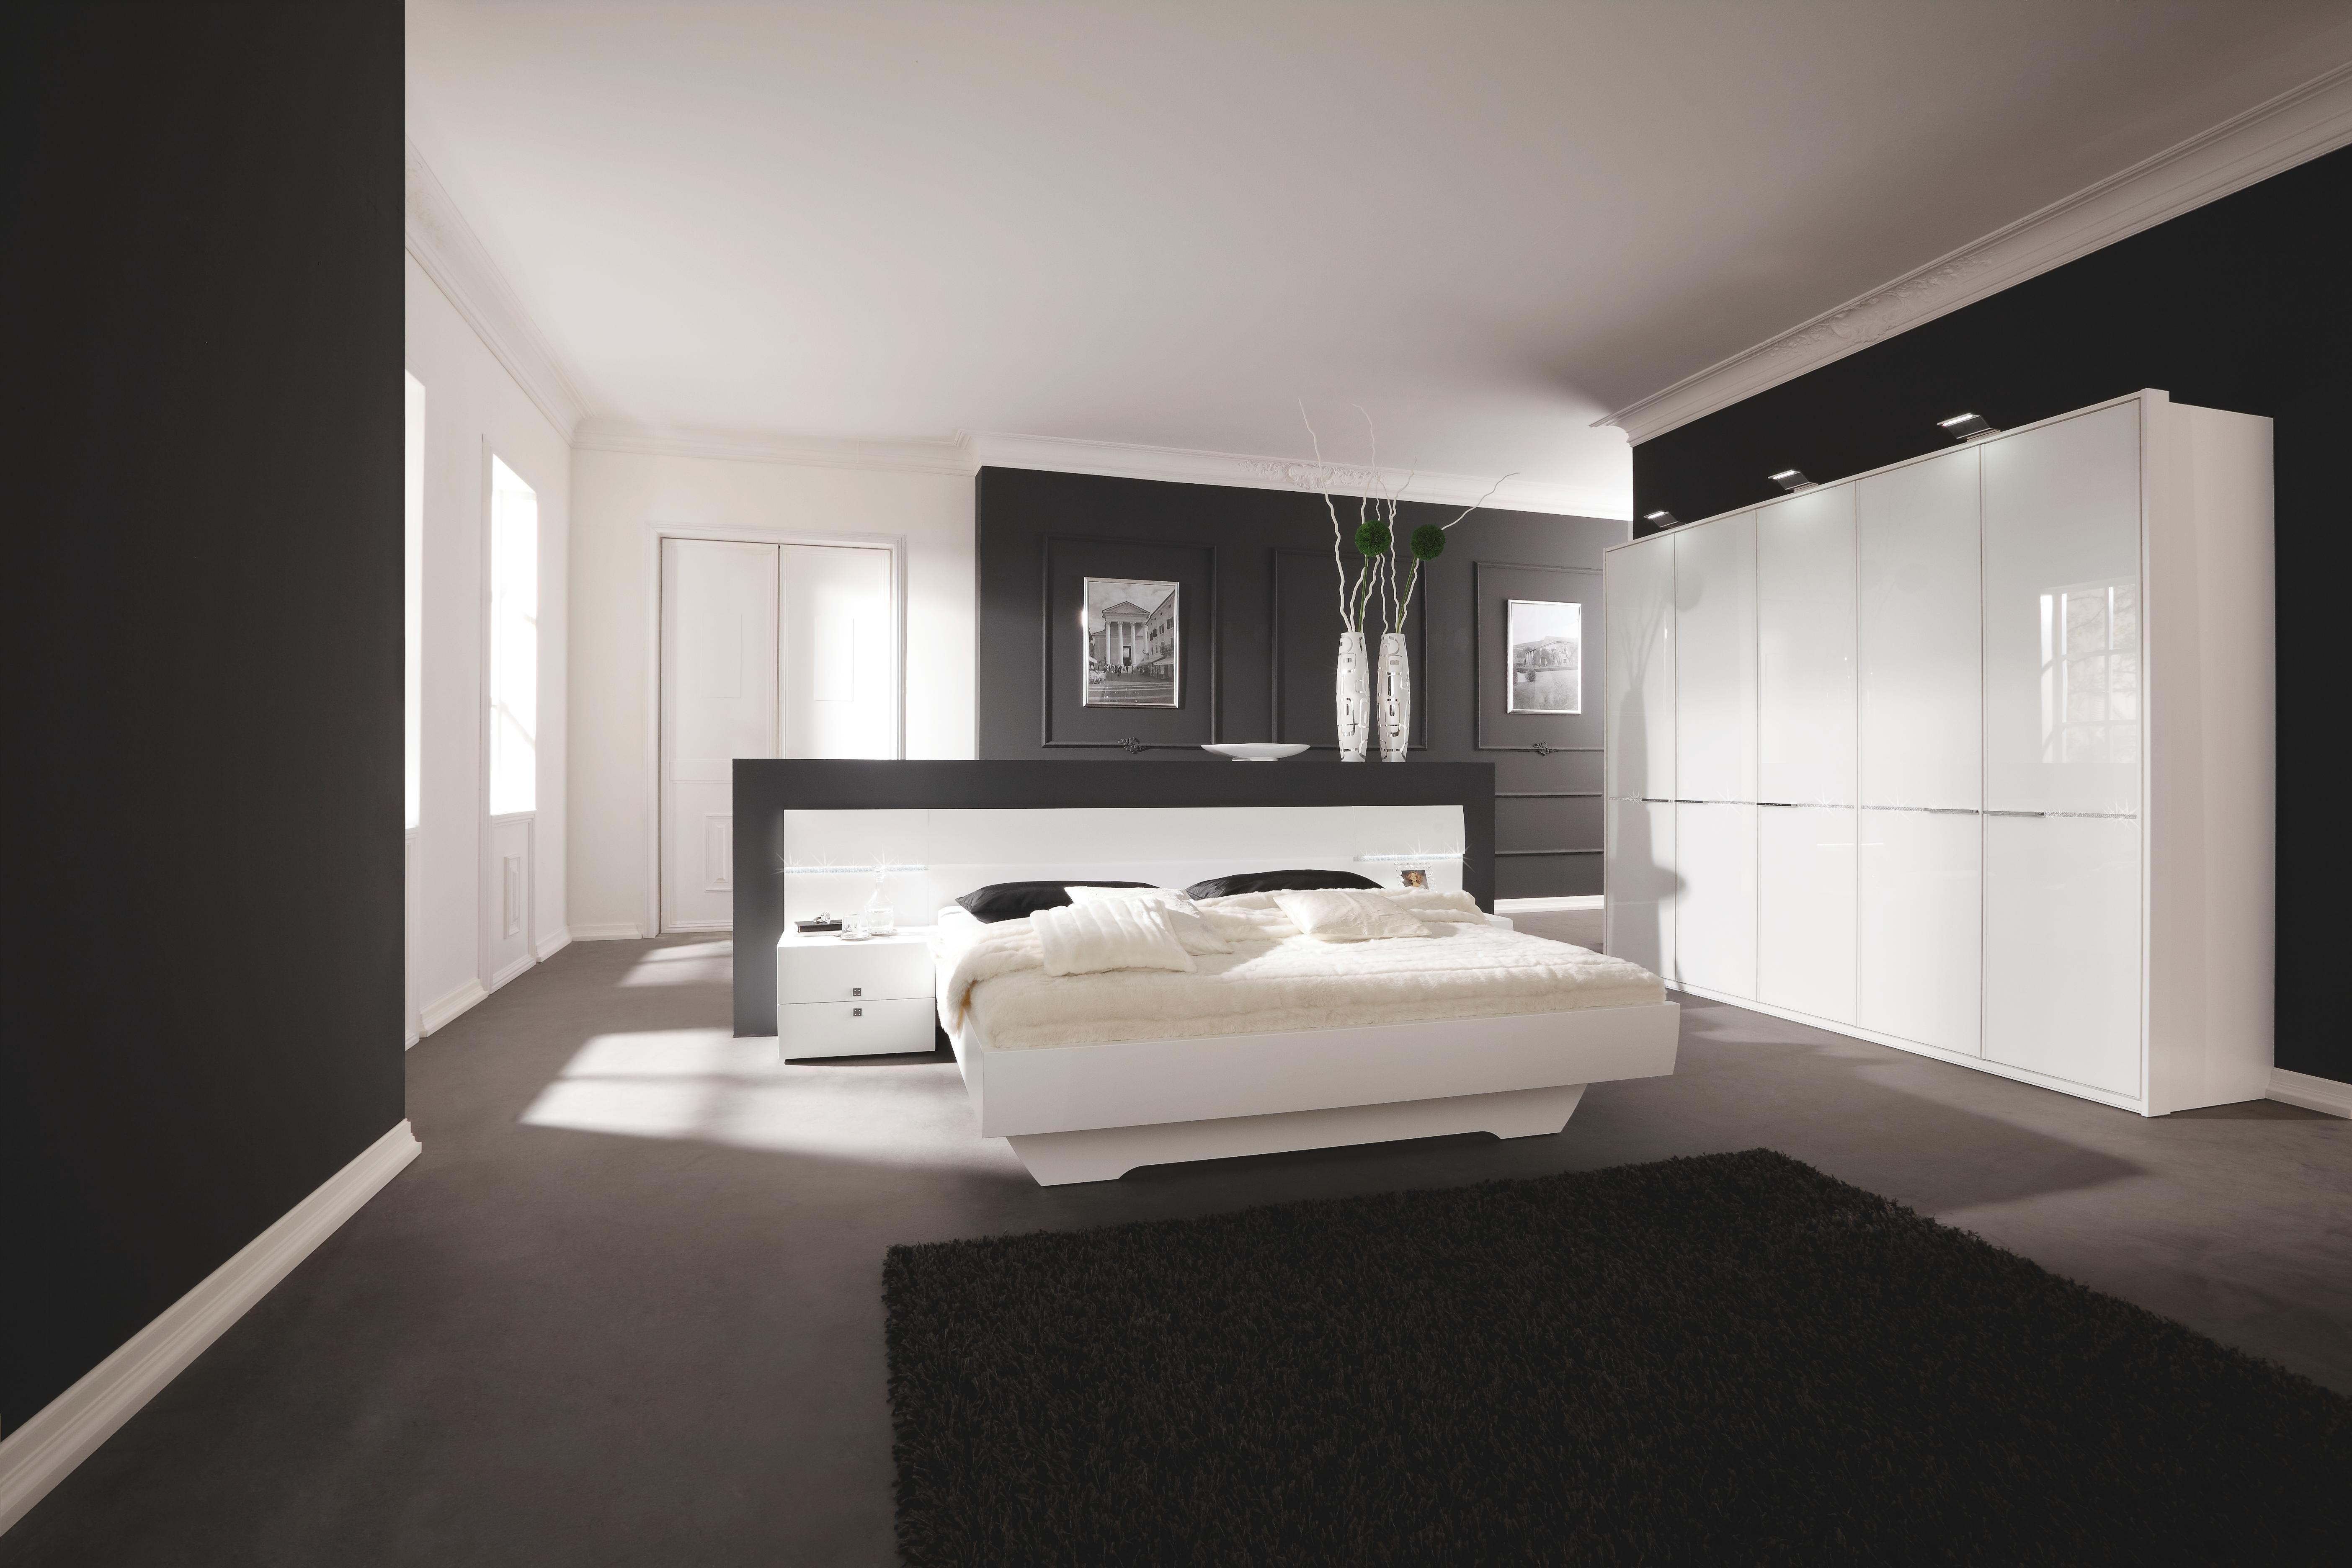 Schlafzimmer Swarovski ~ Modernes bett für süße träume. gestalten sie ihr schlafzimmer